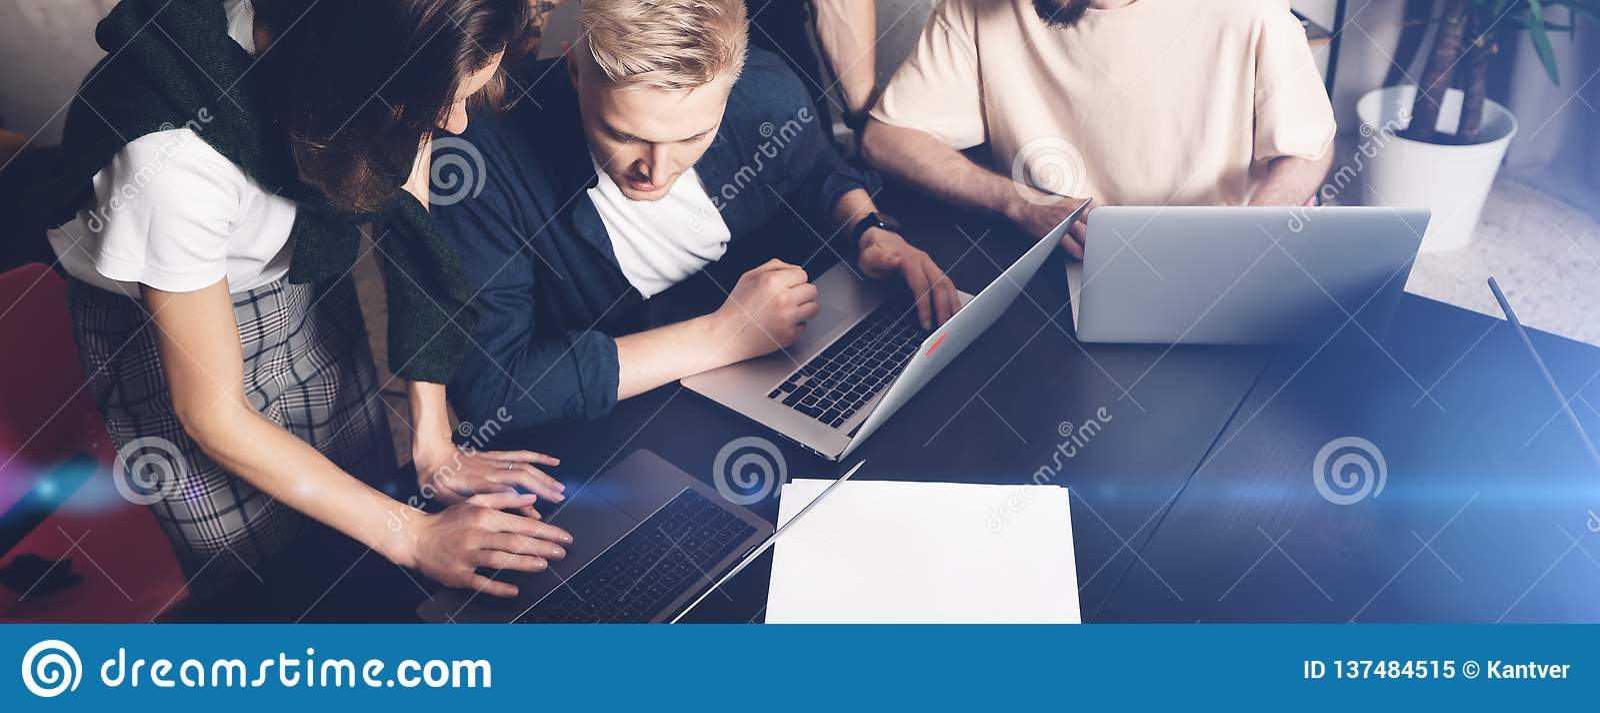 Сотрудники объединяются в команду на работе Группа в составе молодые бизнесмены в ультрамодной случайной носке работая совместно